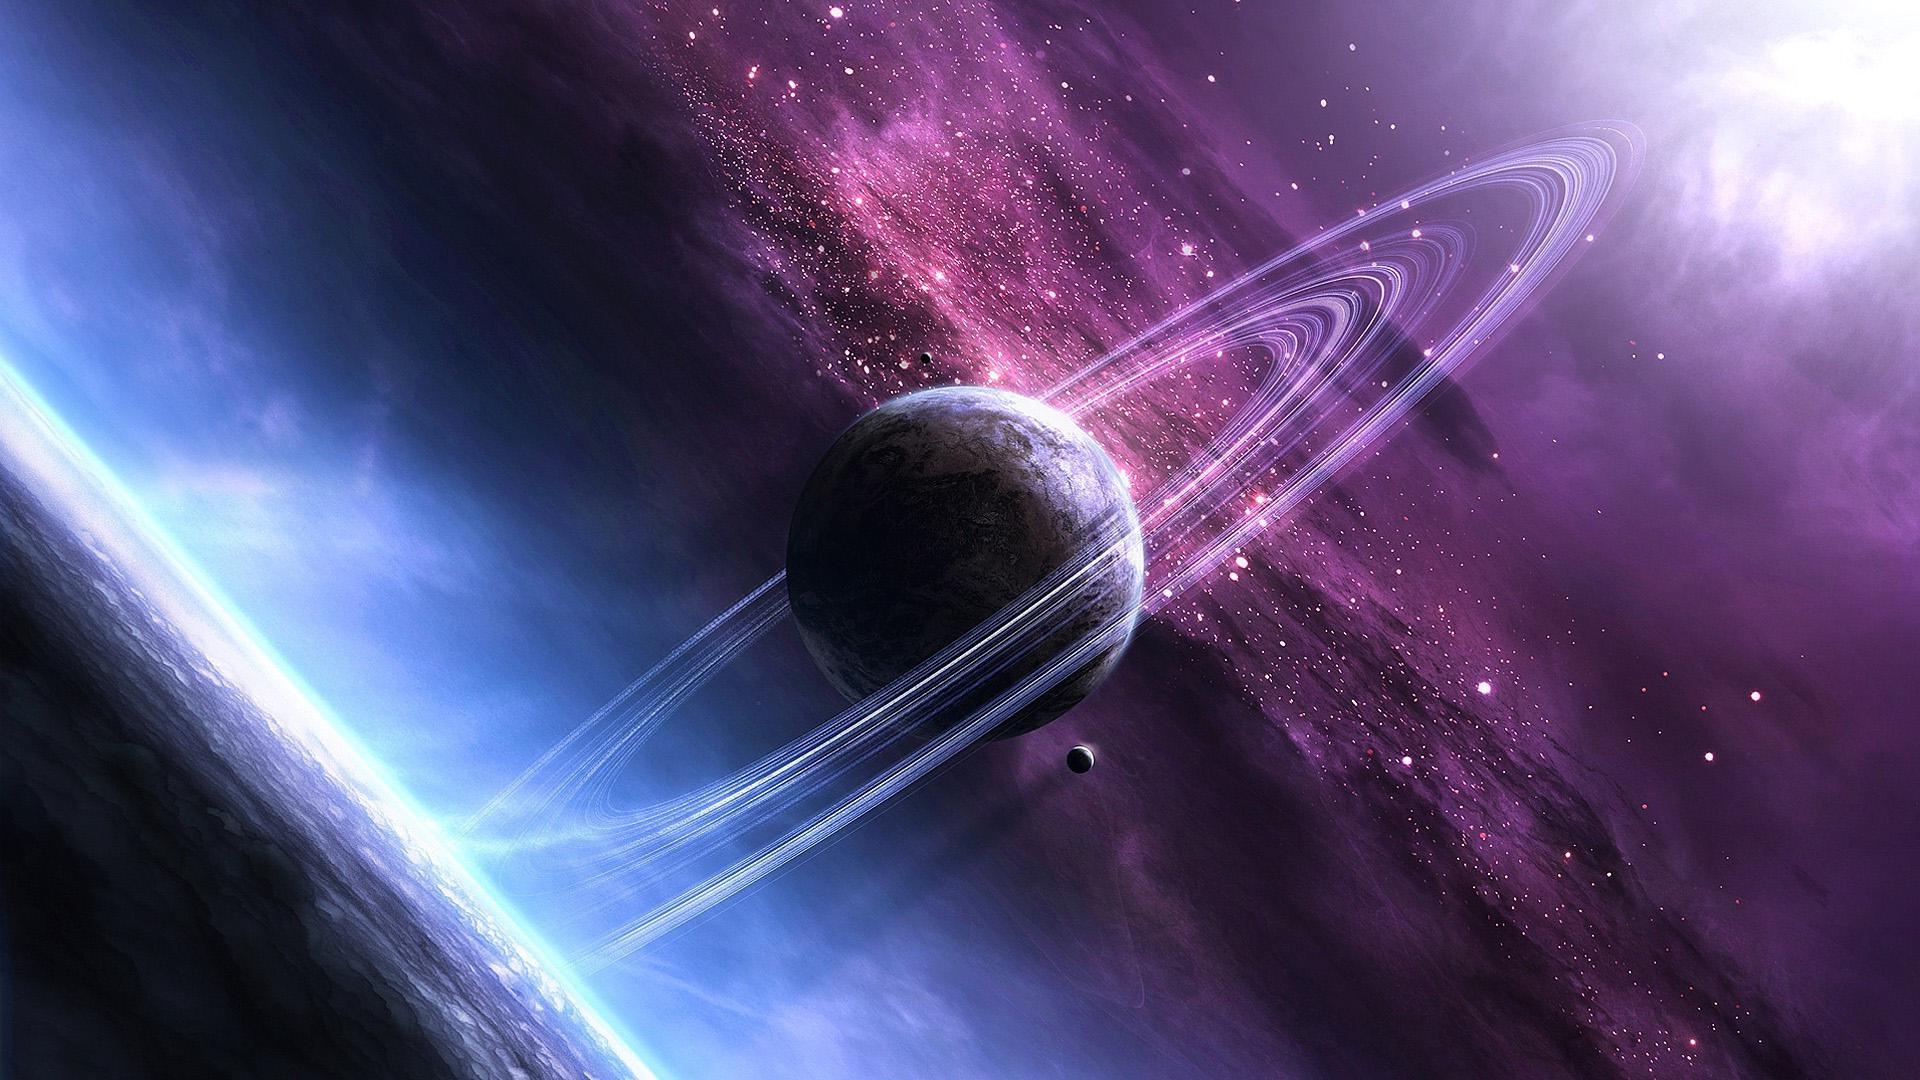 HDoboi.Kiev.ua - Звездный космос, планета и звезды во вселенной, hd заставки